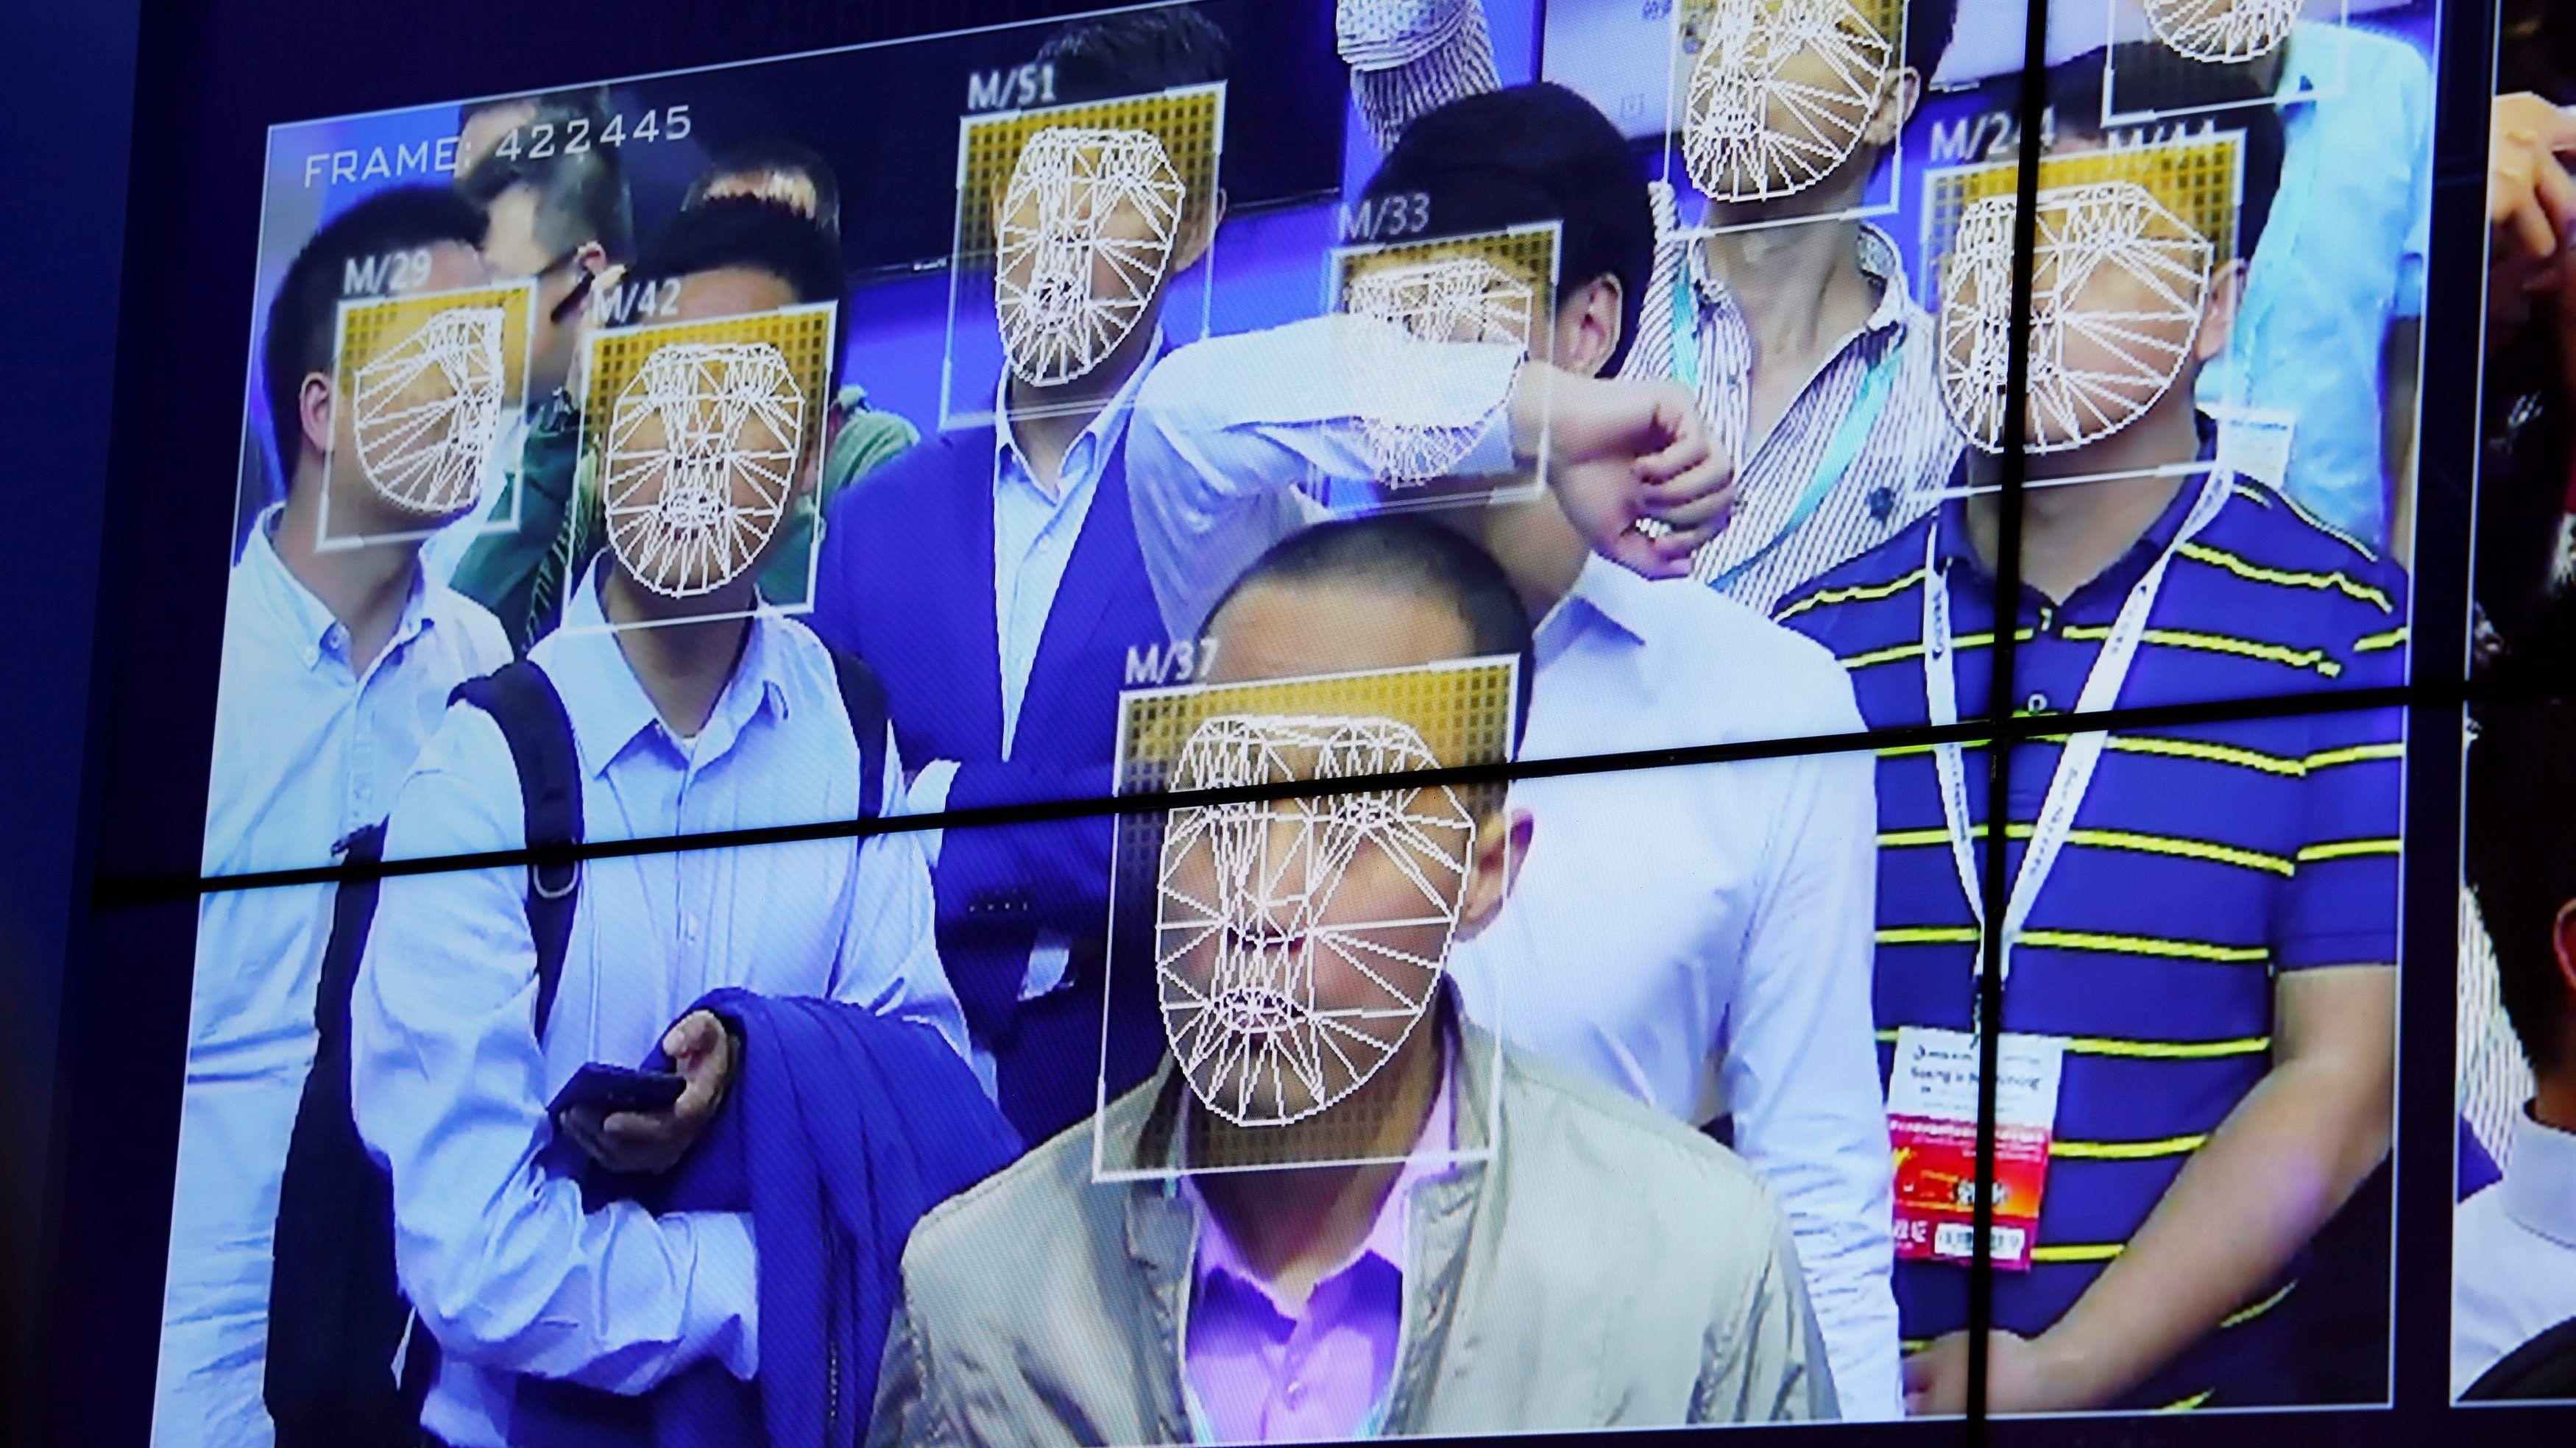 Facial Recognition Technology via quartz.com